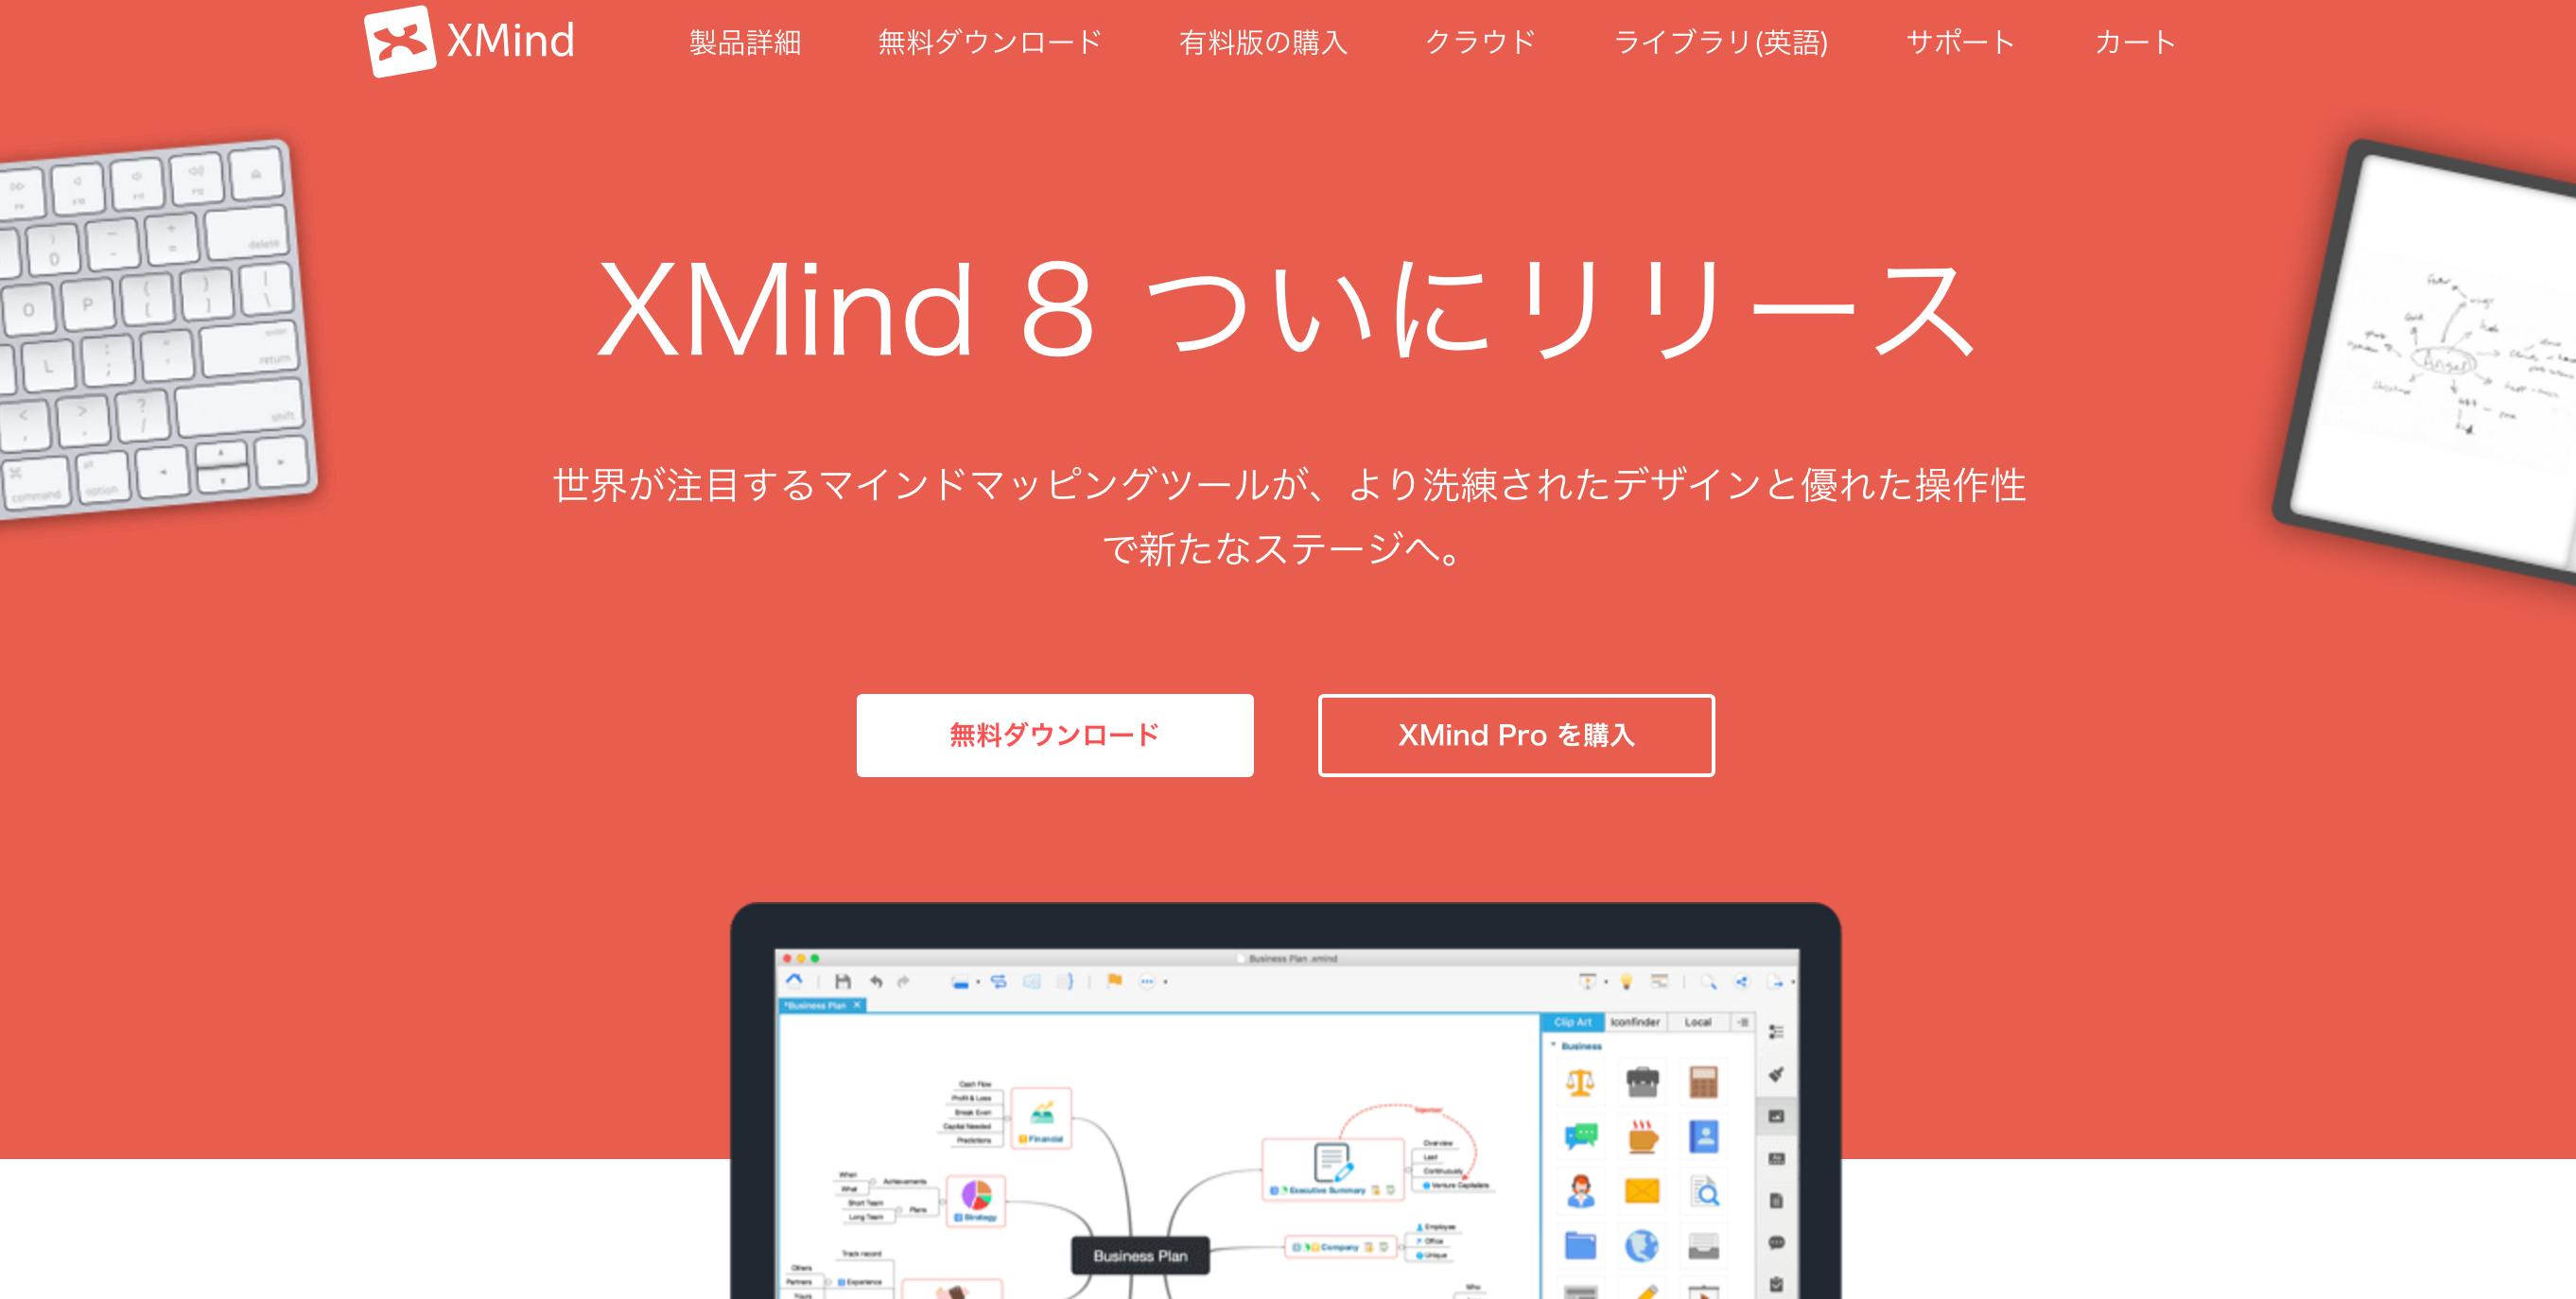 xmind - サイトマップの作り方!簡単にテンプレートで作成する方法